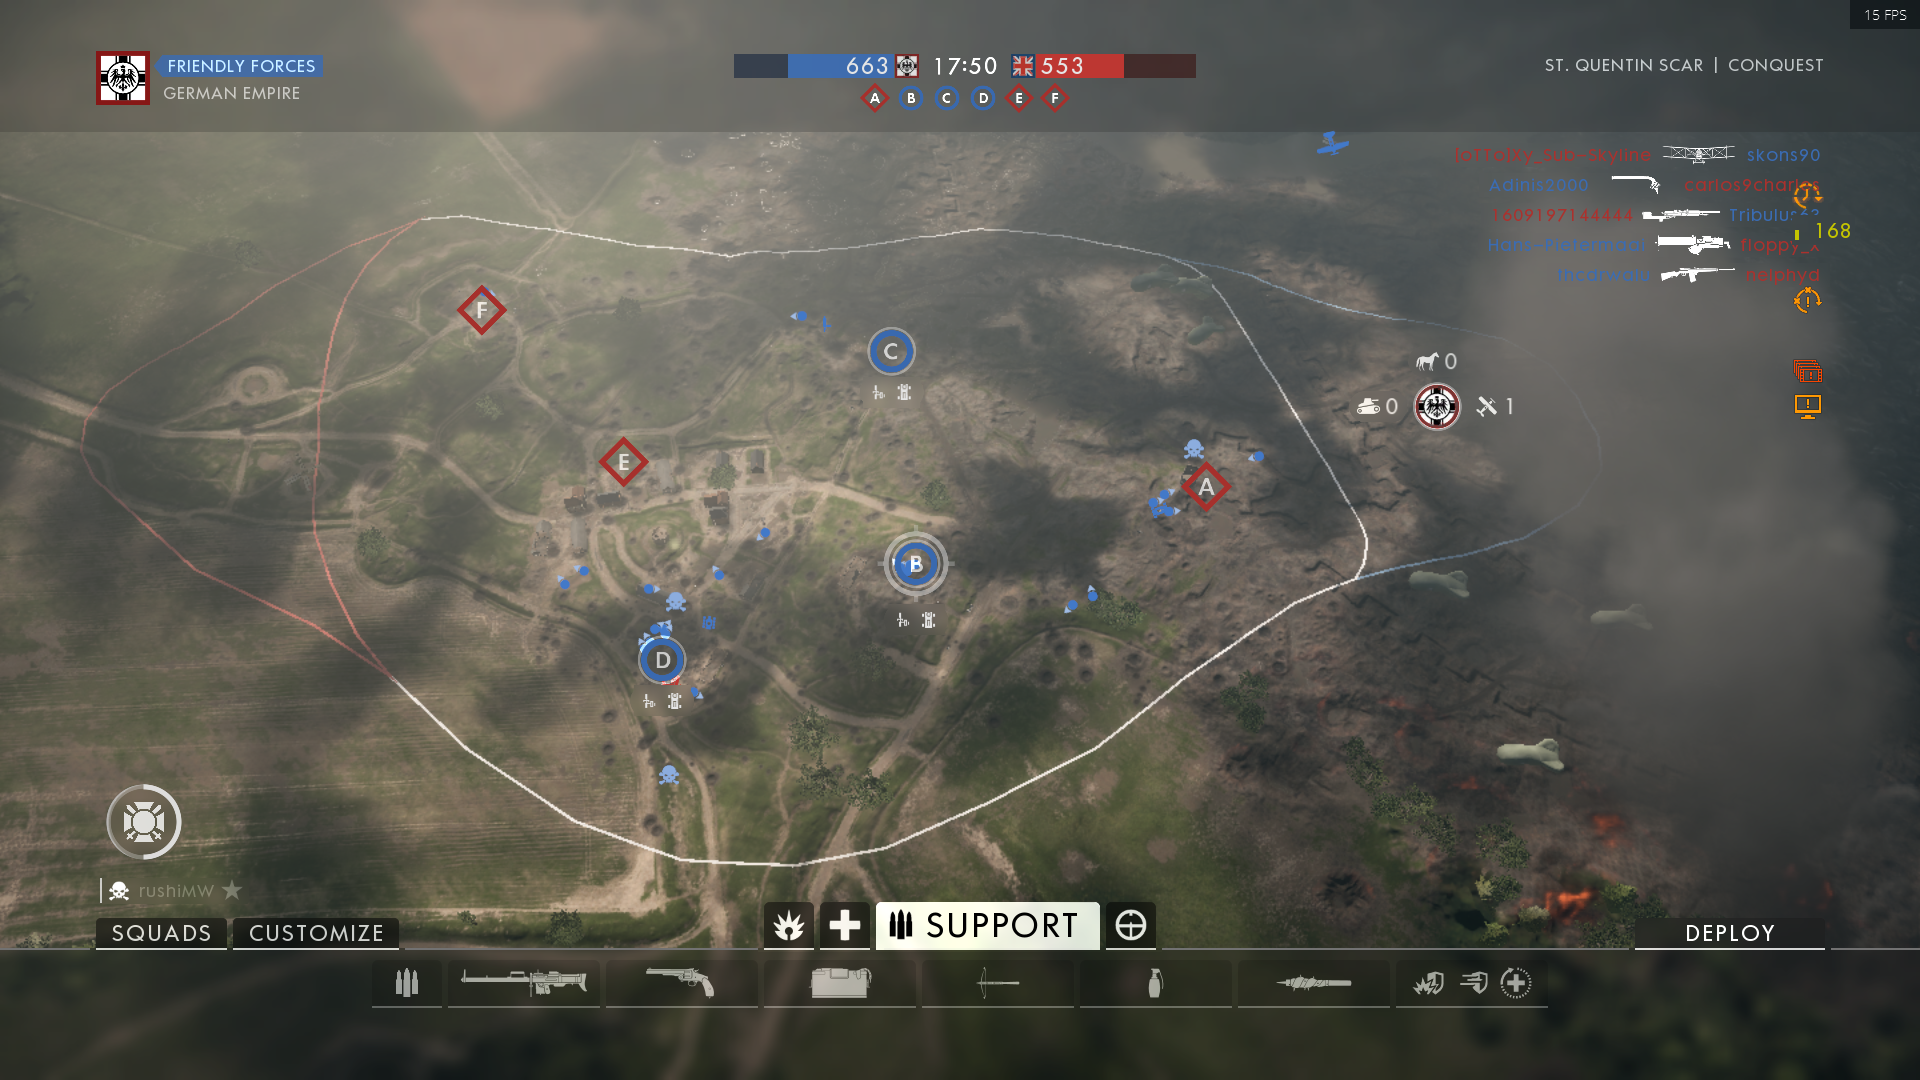 Severe FPS drop since December 2017 update in Battlefield 1